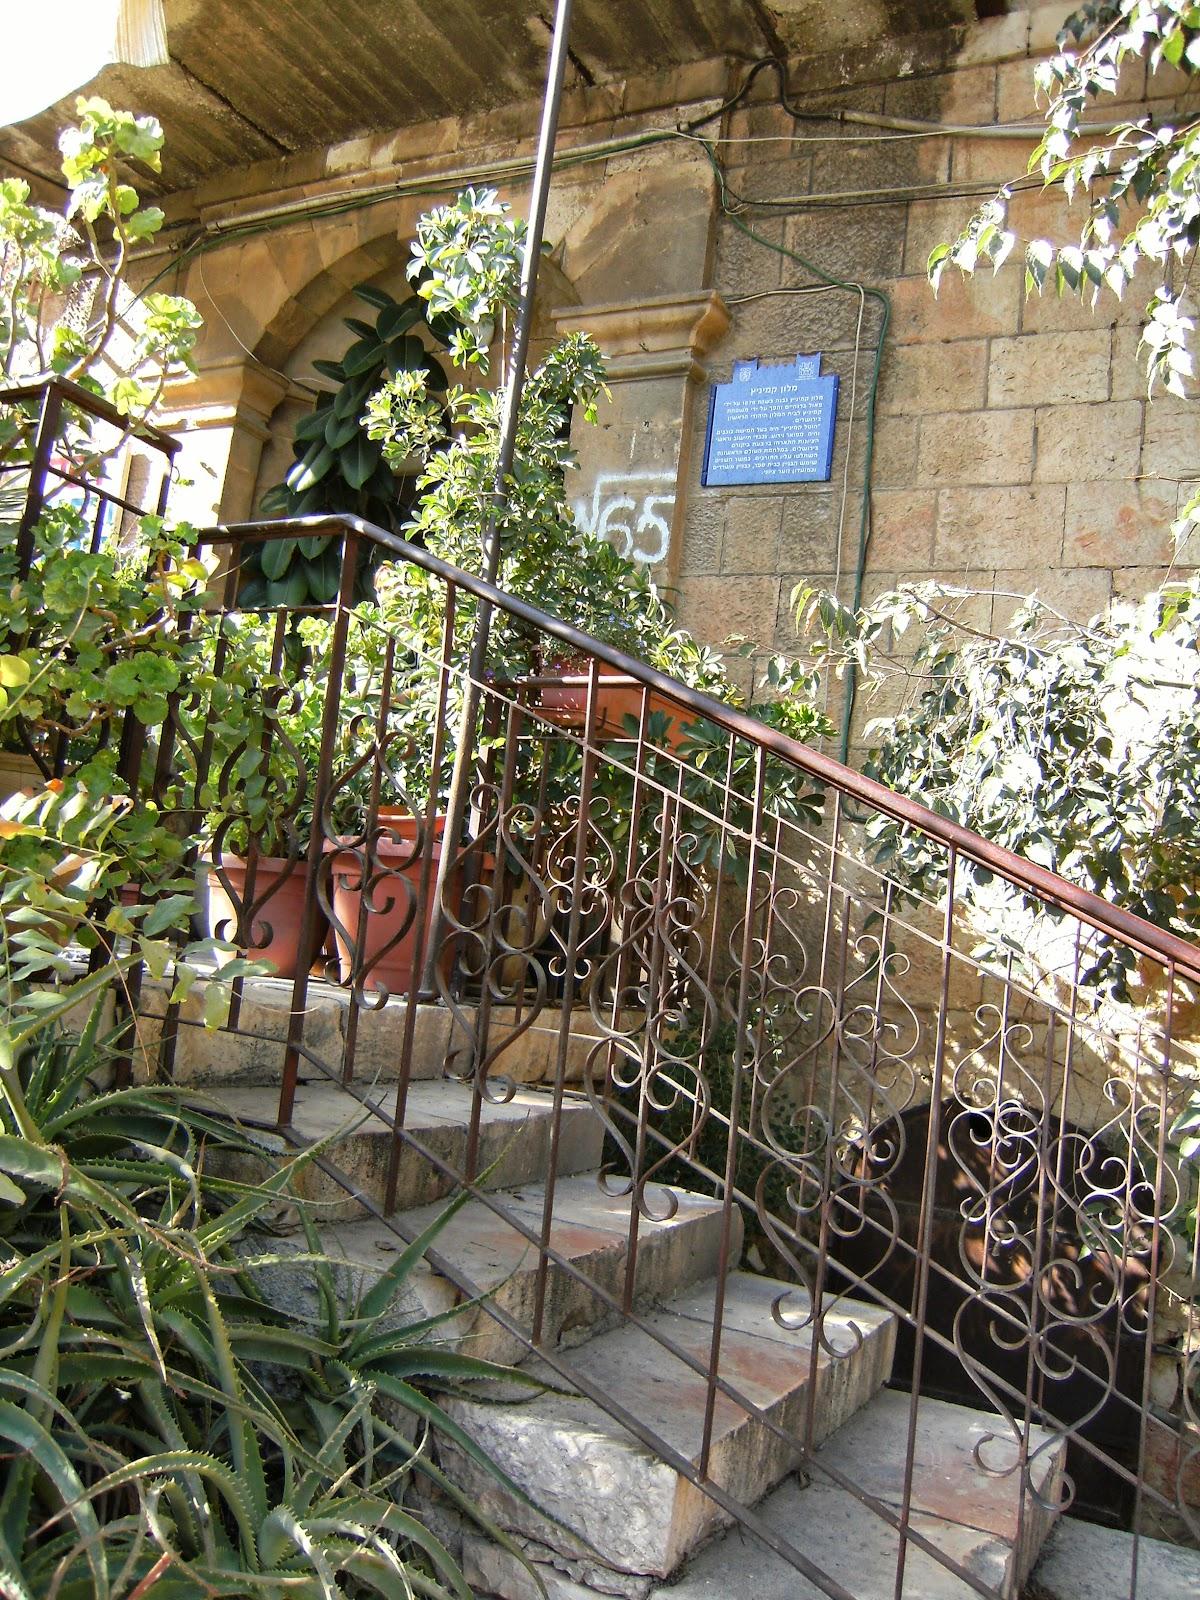 гид-экскурсовод в Иерусалиме, в Израиле, гид по Иерусалиму, по Израилю, фрилансер, авторская экскурсия по Иерусалиму